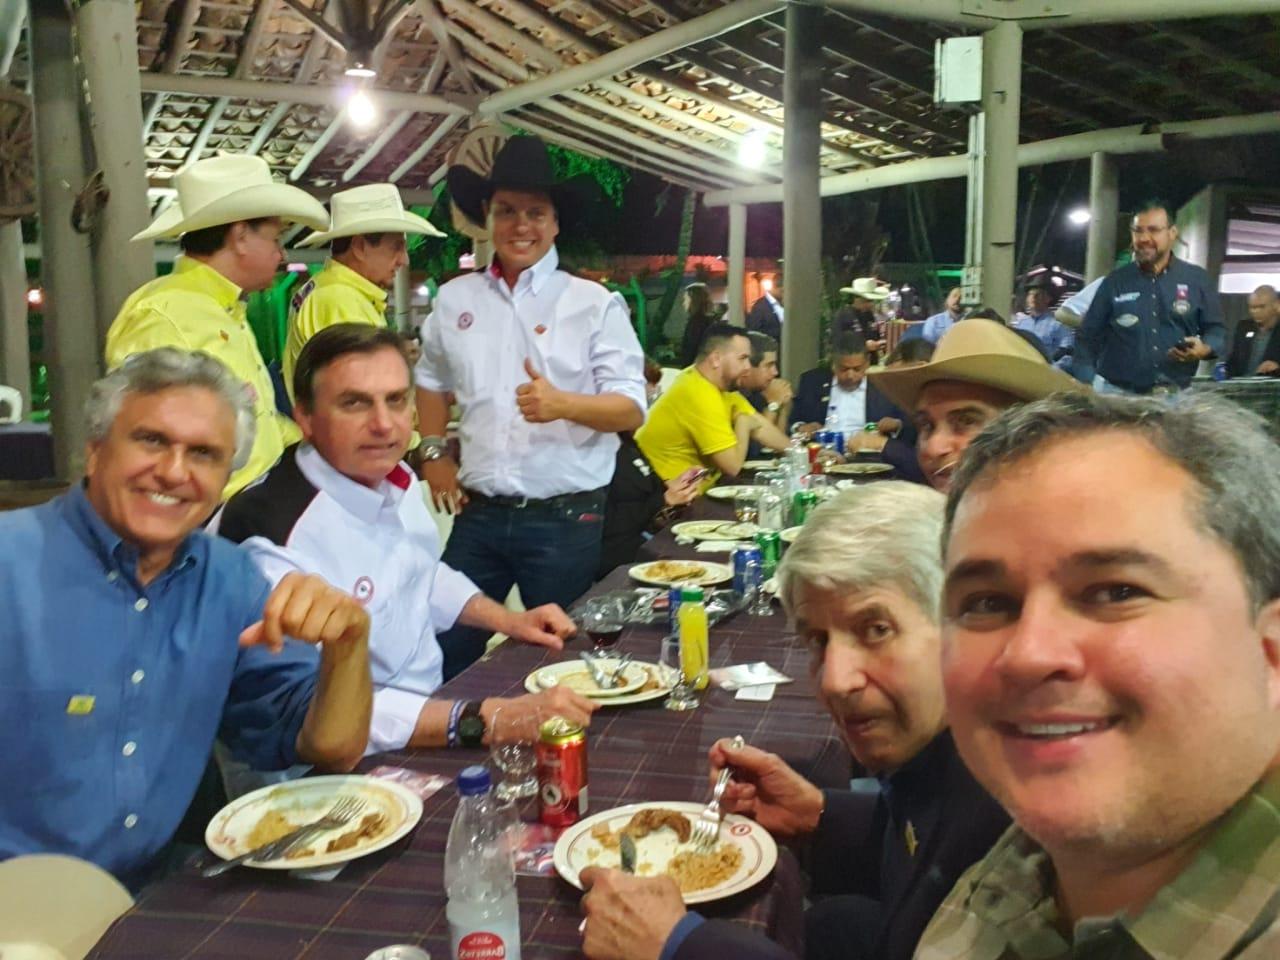 WhatsApp Image 2019 08 17 at 22.13.23 1 - Ao lado de Bolsonaro, Efraim Filho participa da festa do Peão de Barretos e assume Frente Nacional da Vaquejada